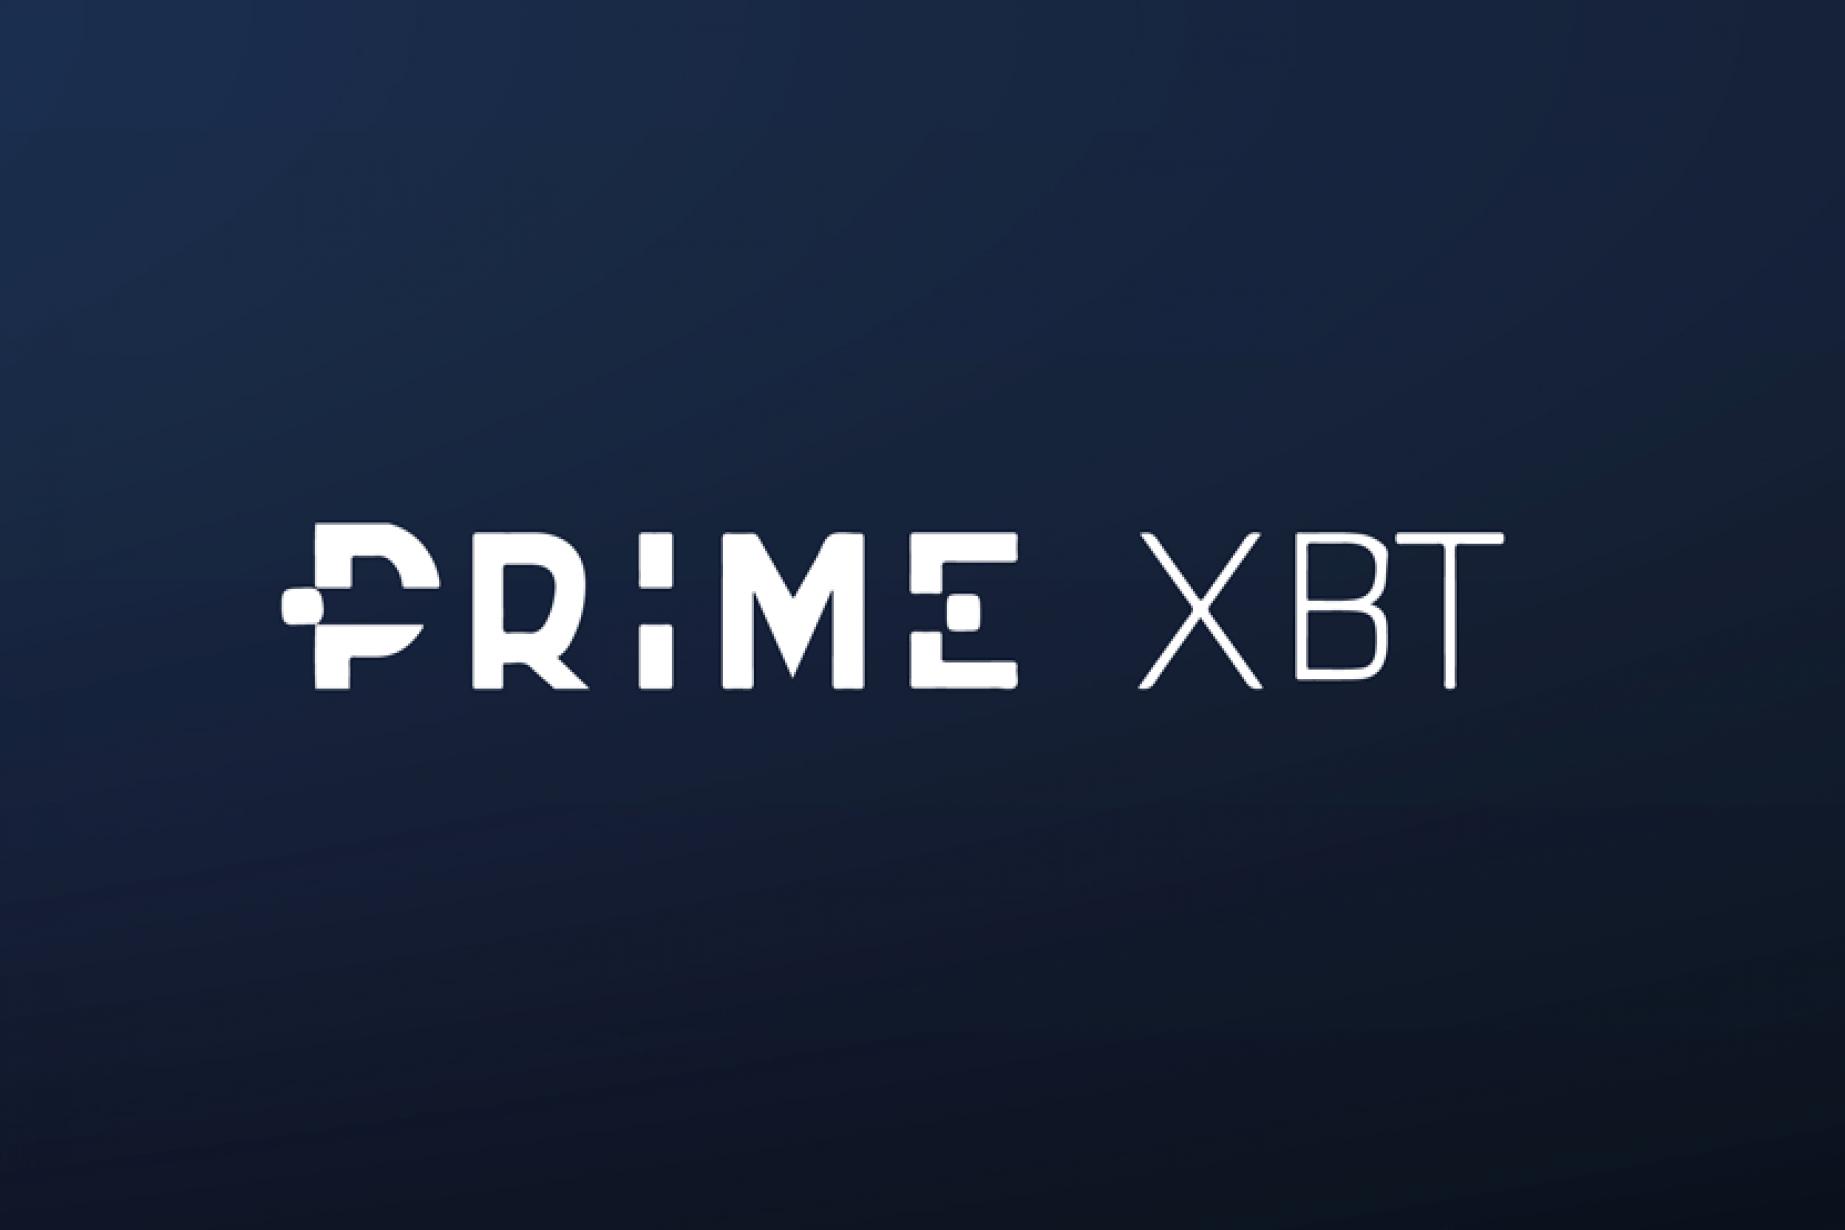 Sàn PrimeXBT là gì? Tại sao nó lại thu hút được lượng người dùng đông đảo